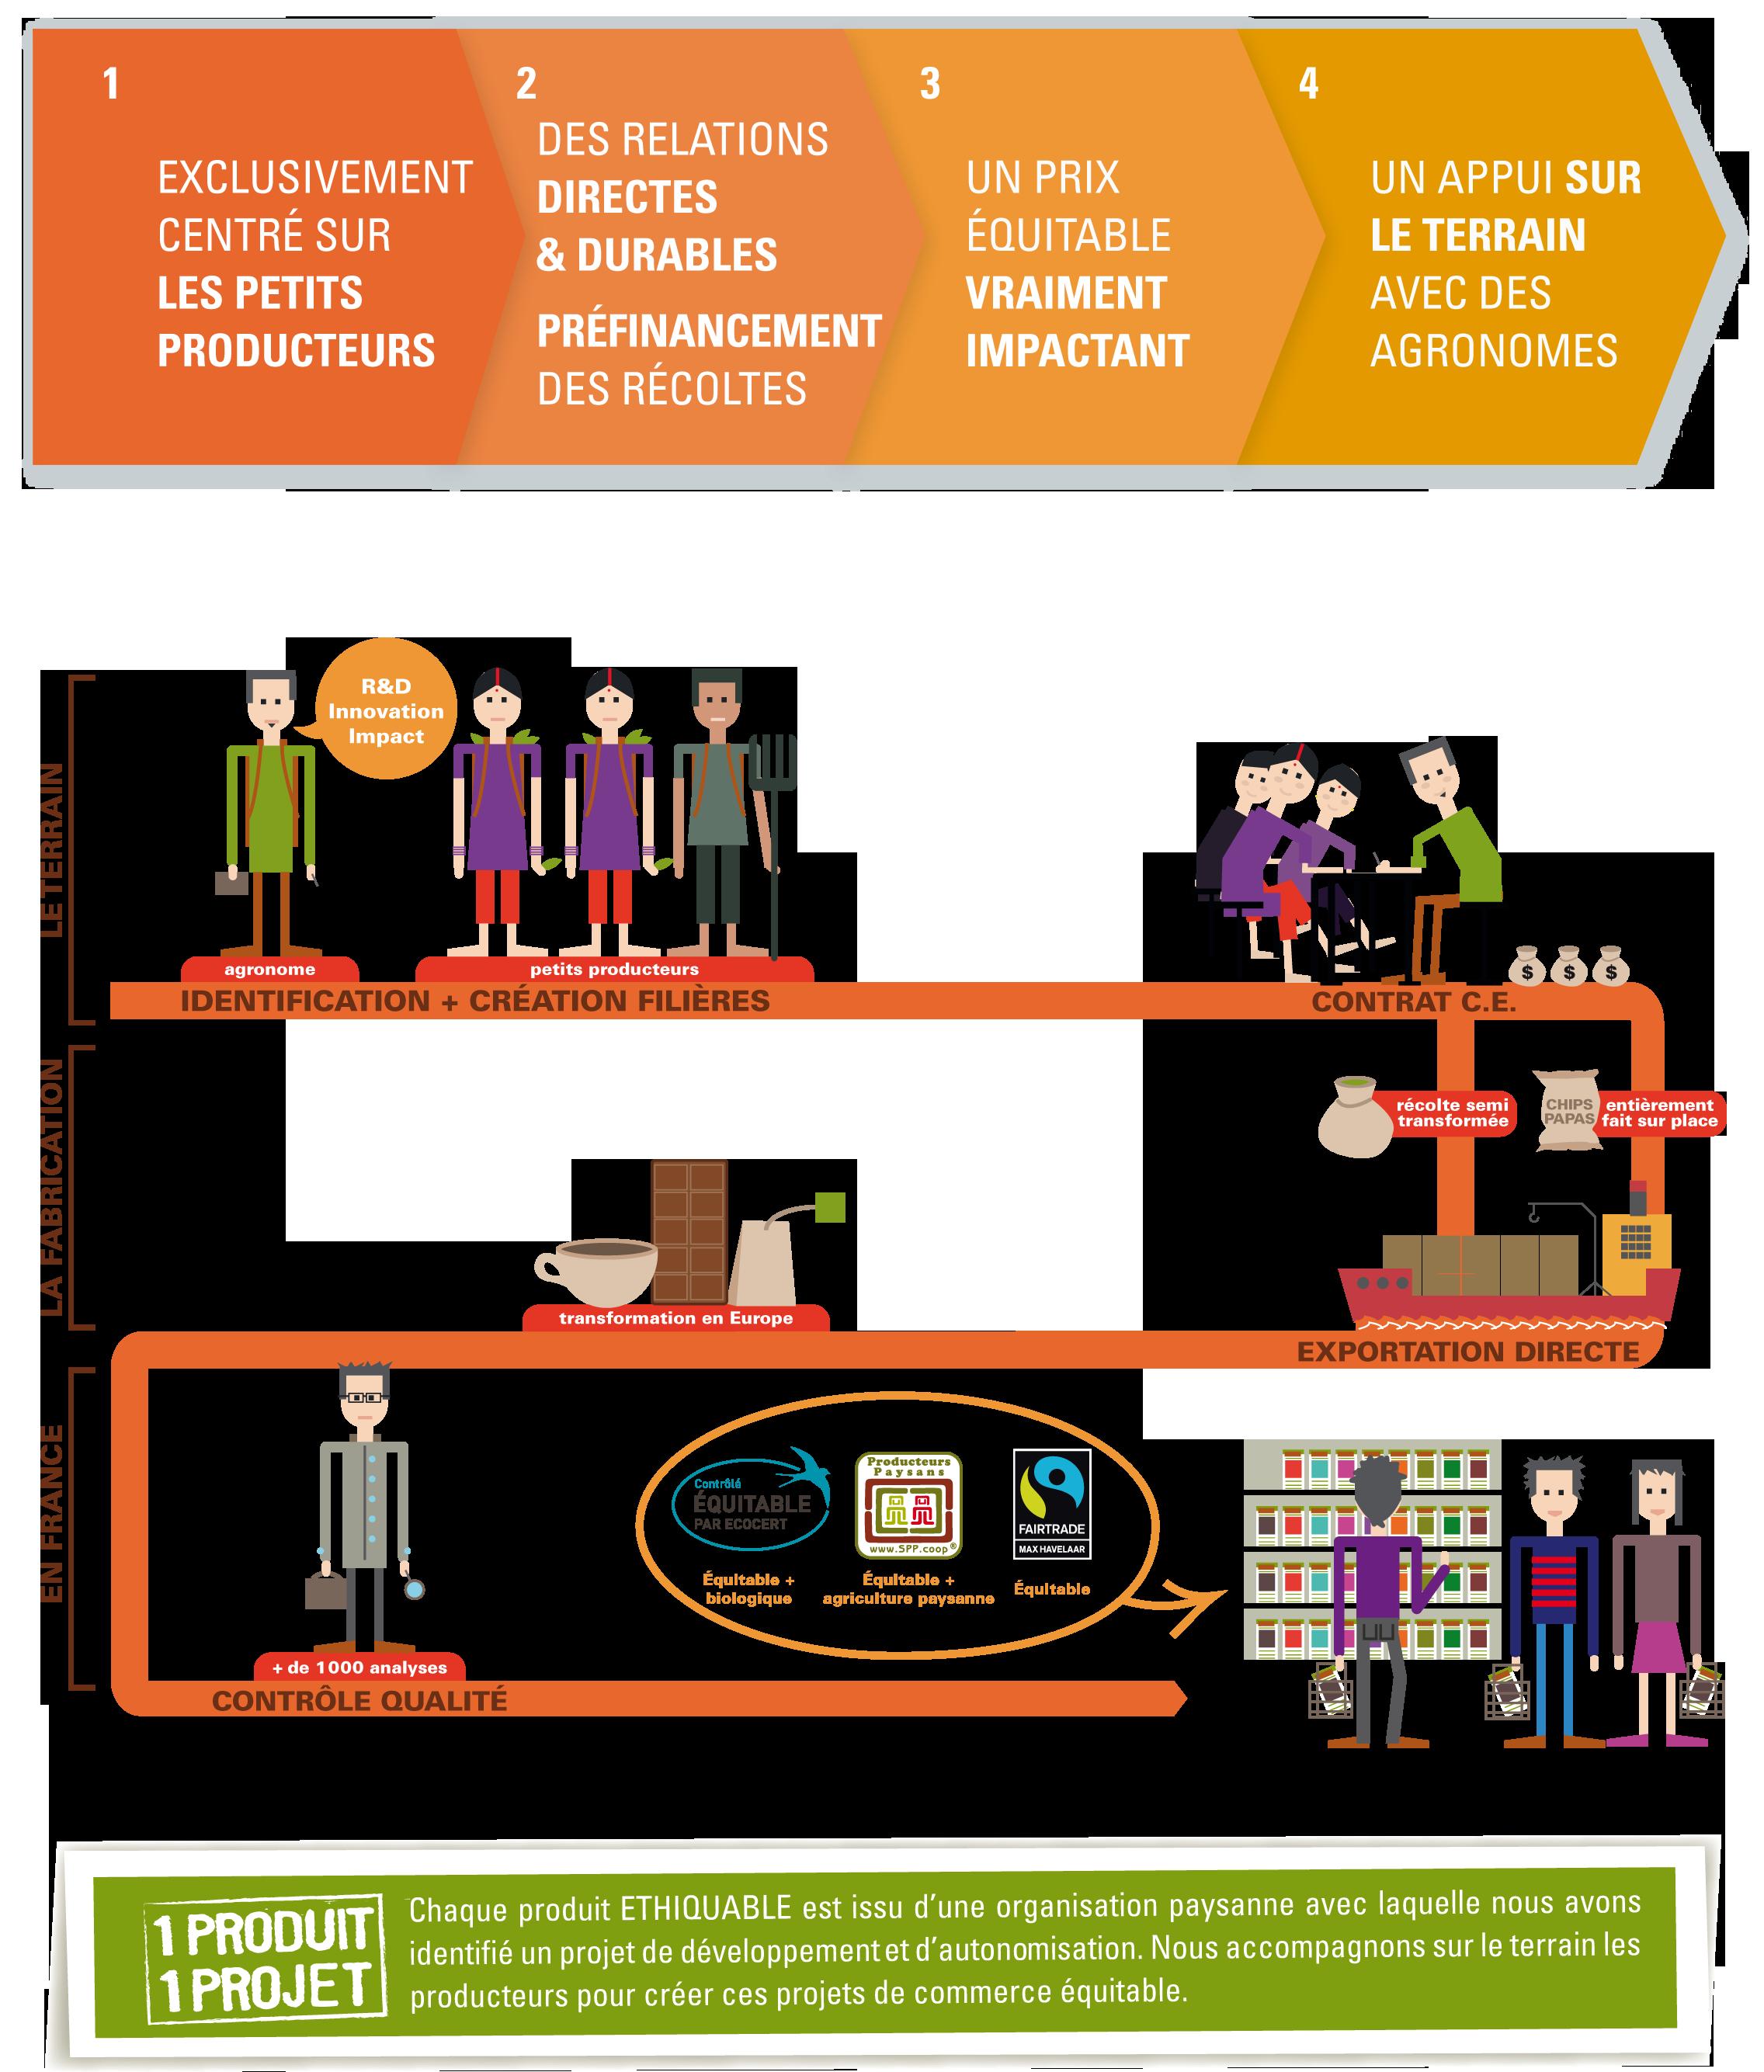 commerces equitables - Artisanat et commerce equitable